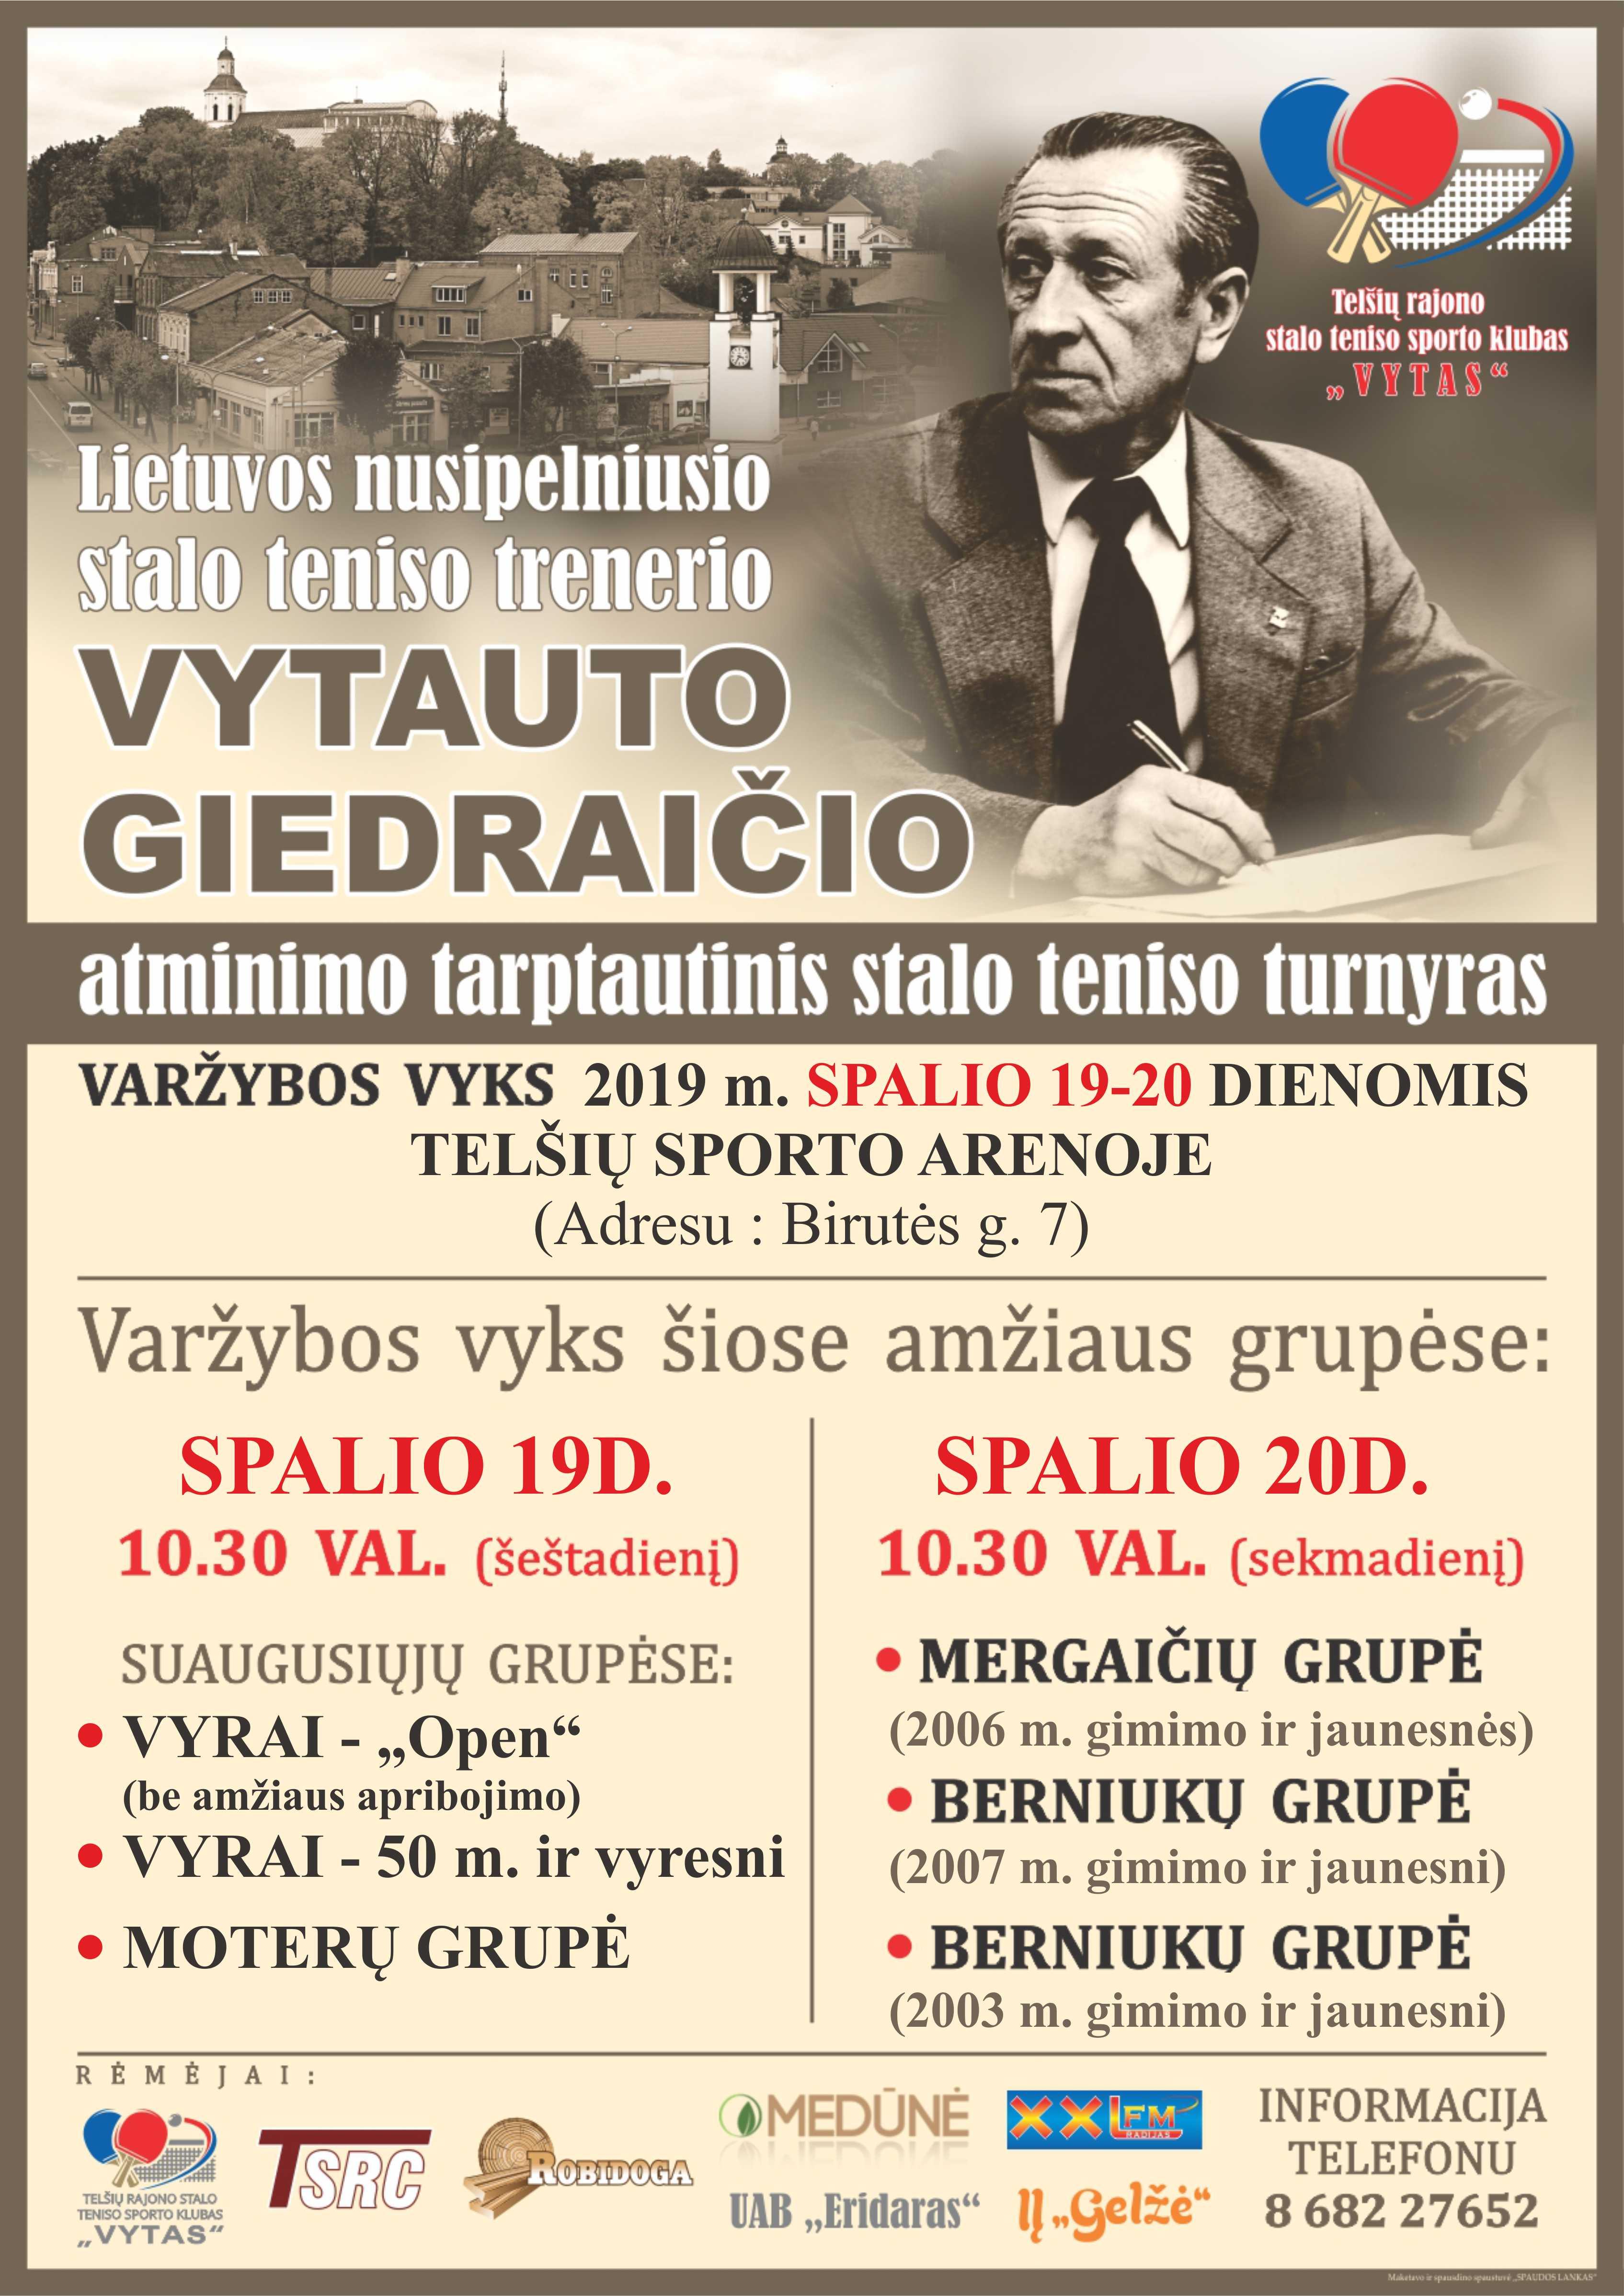 Vytauto Giedraičio atminimo tarptautinis stalo teniso turnyras